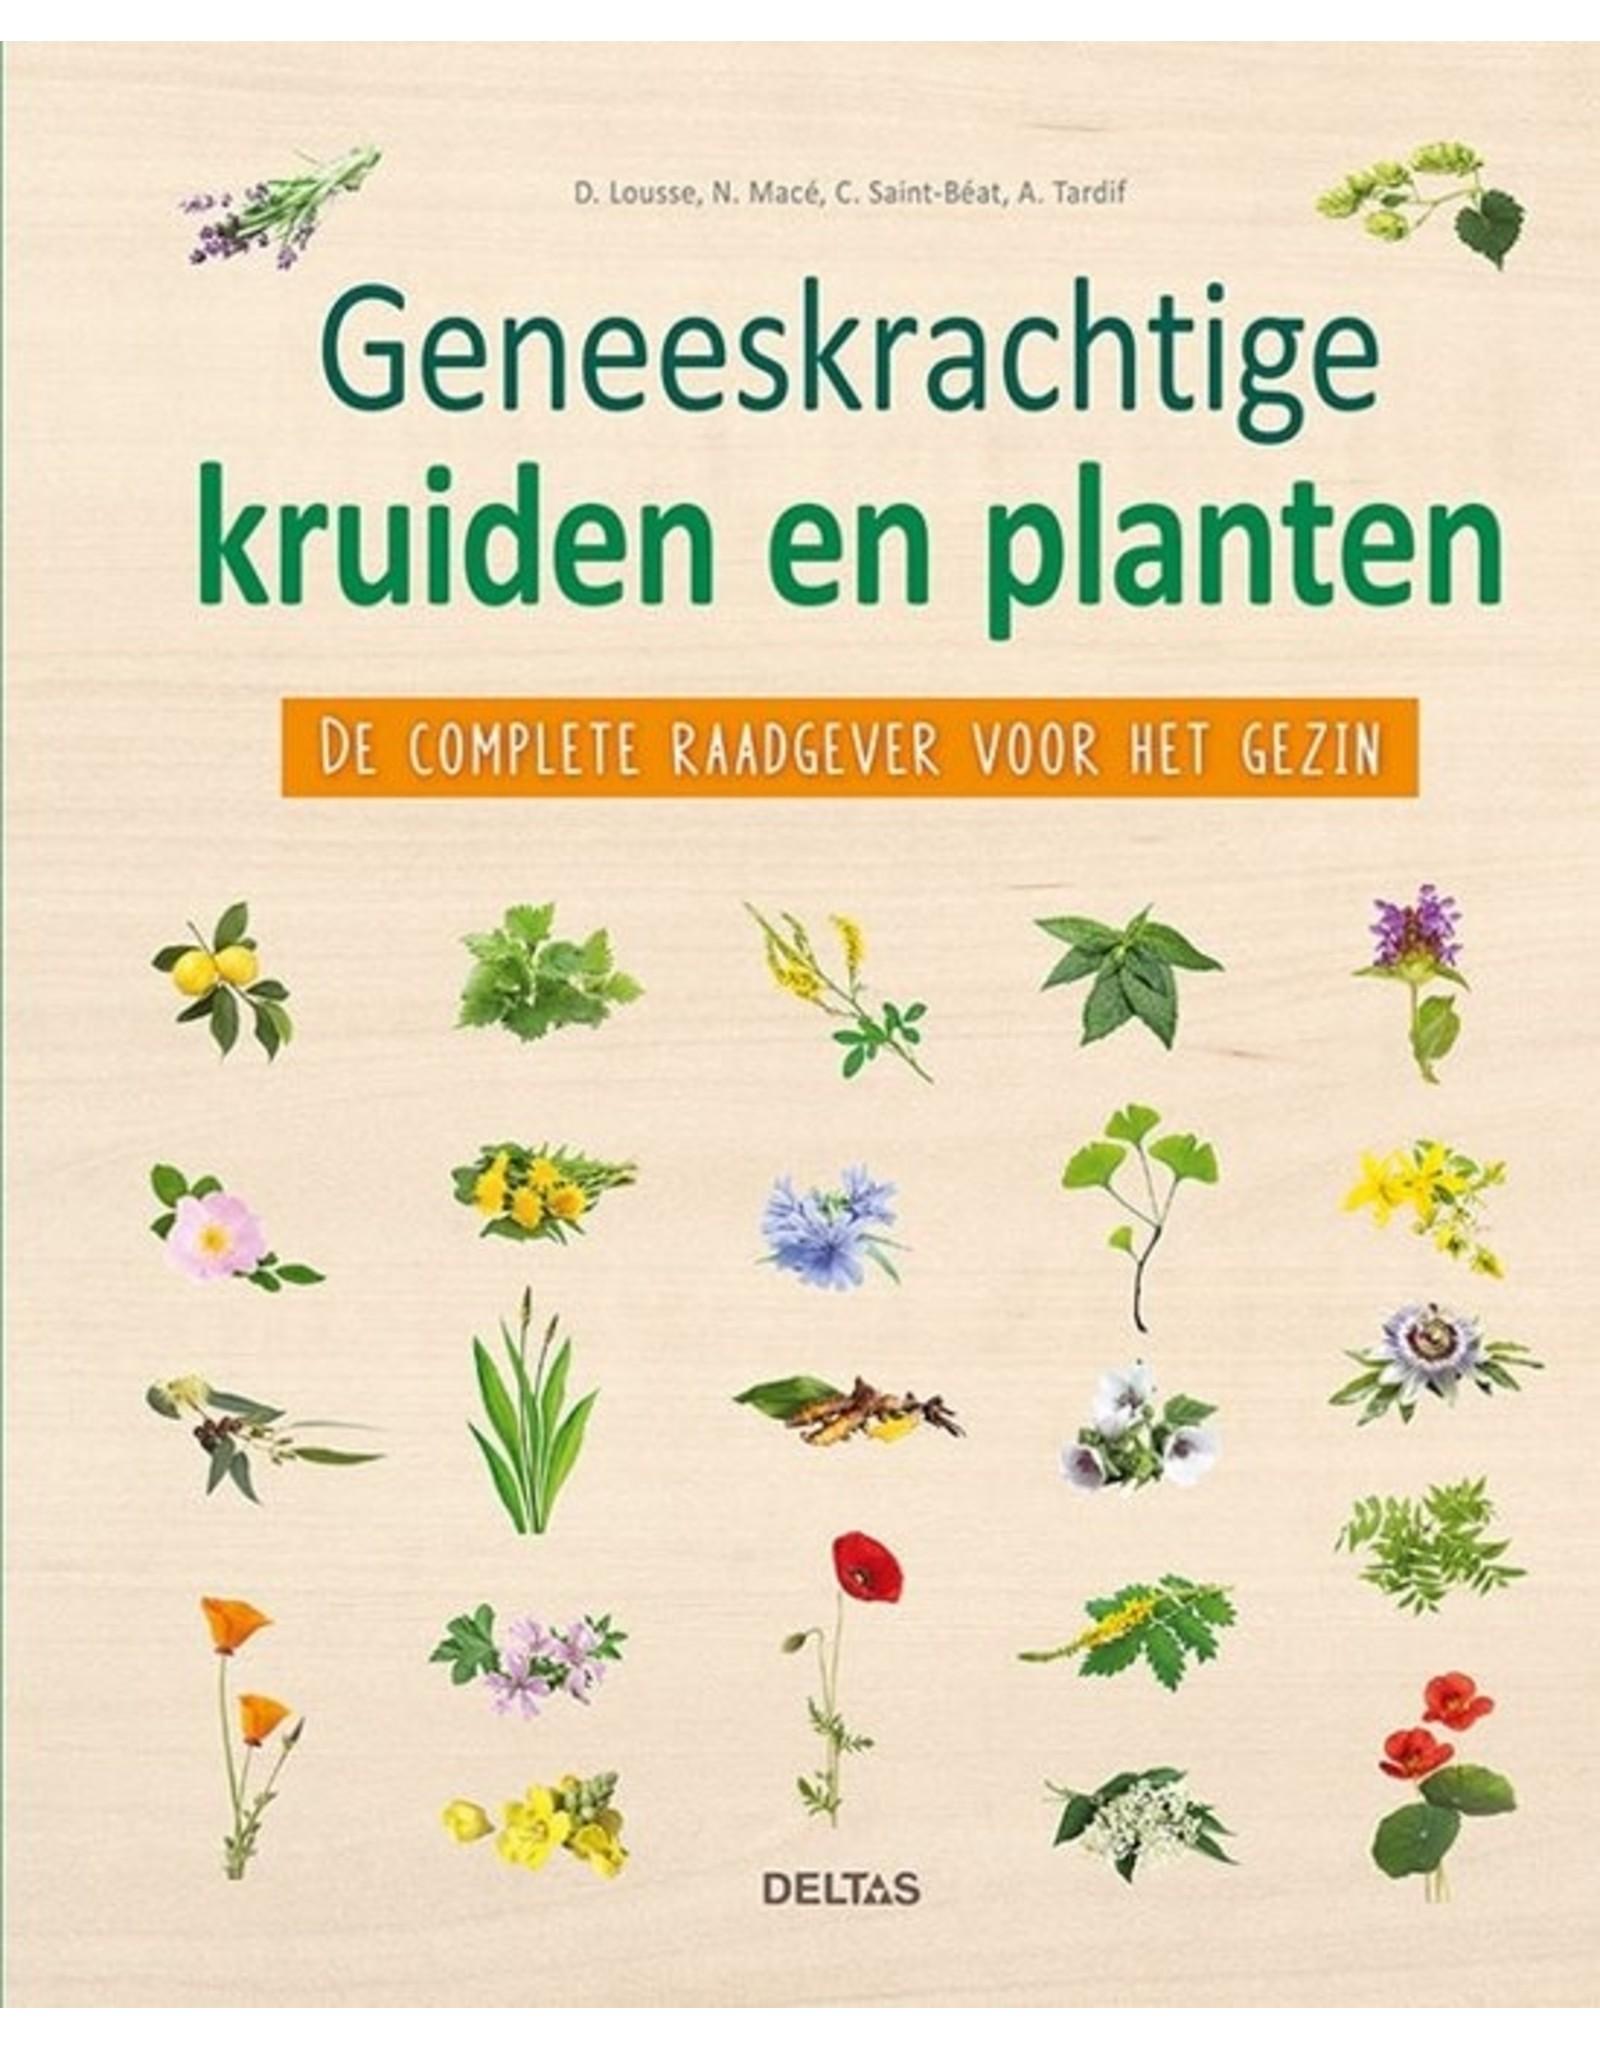 Deltas Geneeskrachtige kruiden en planten boek